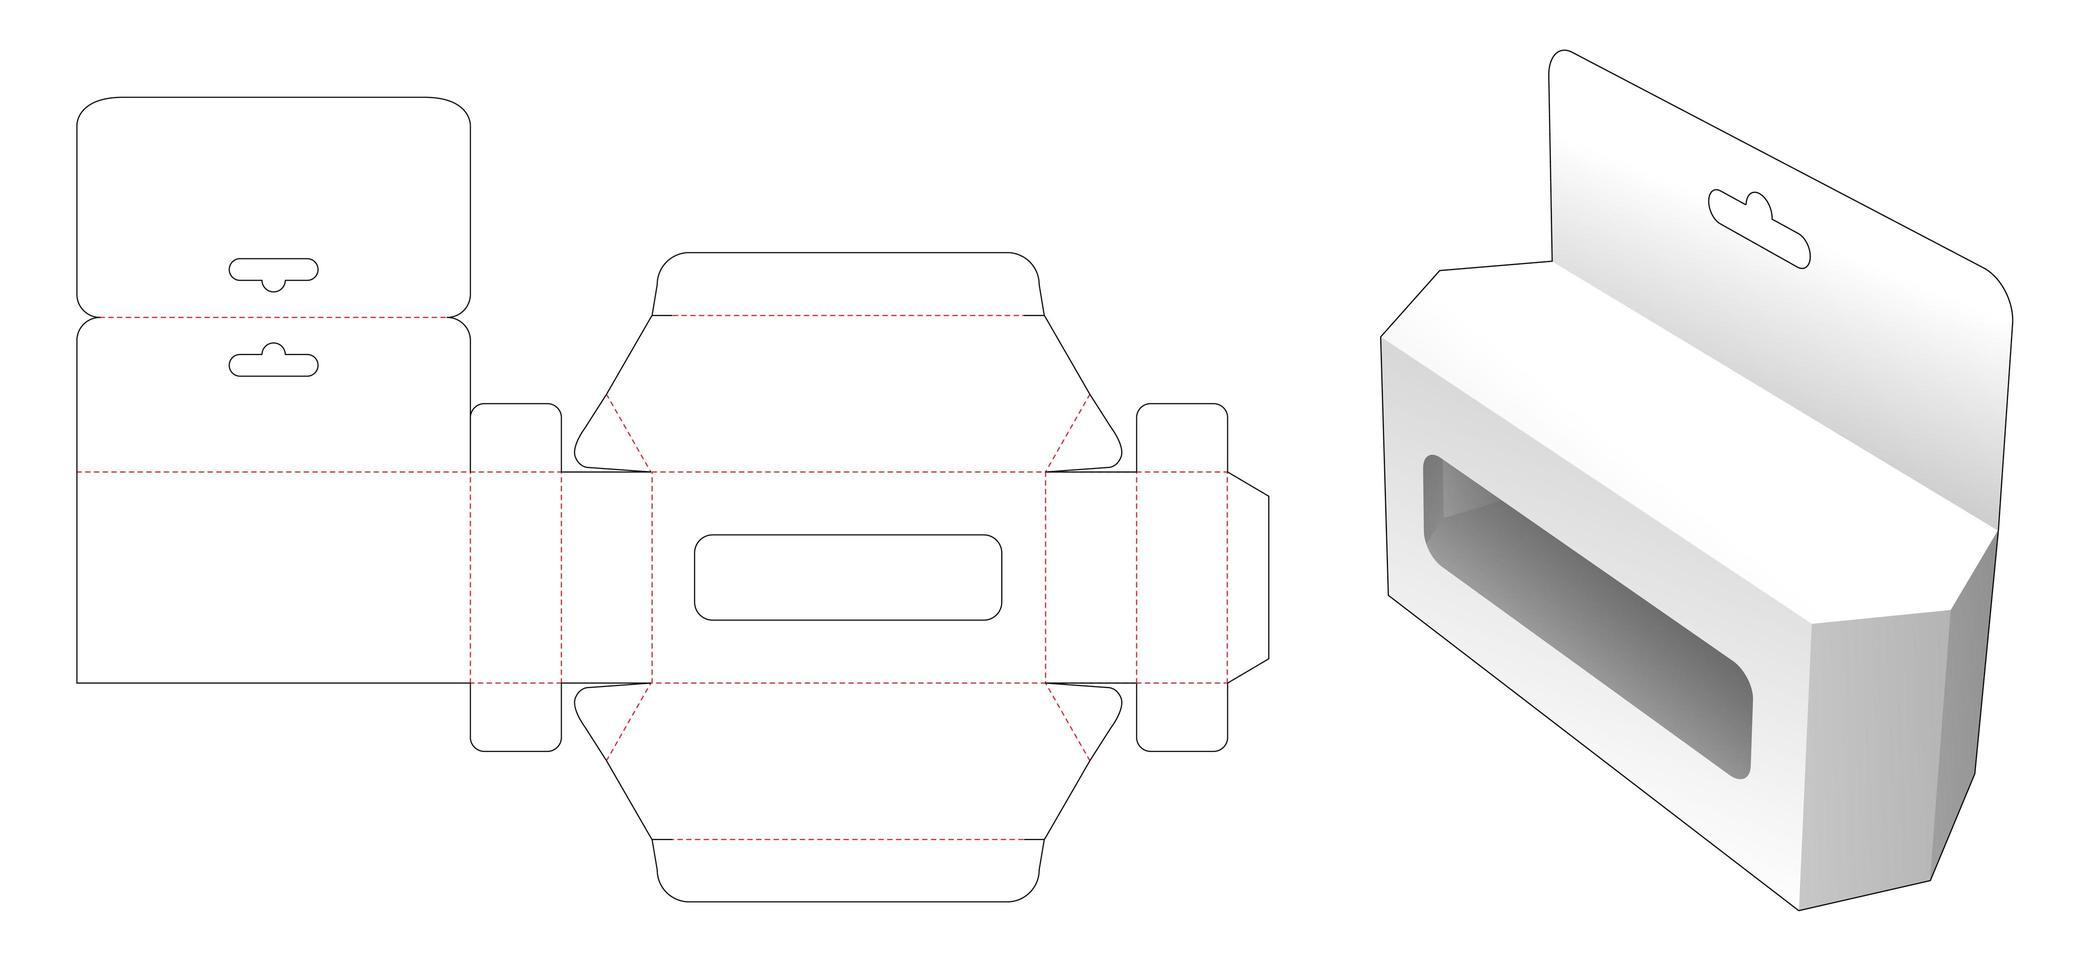 sexkantig leksakslåda med hänghål och fönster vektor